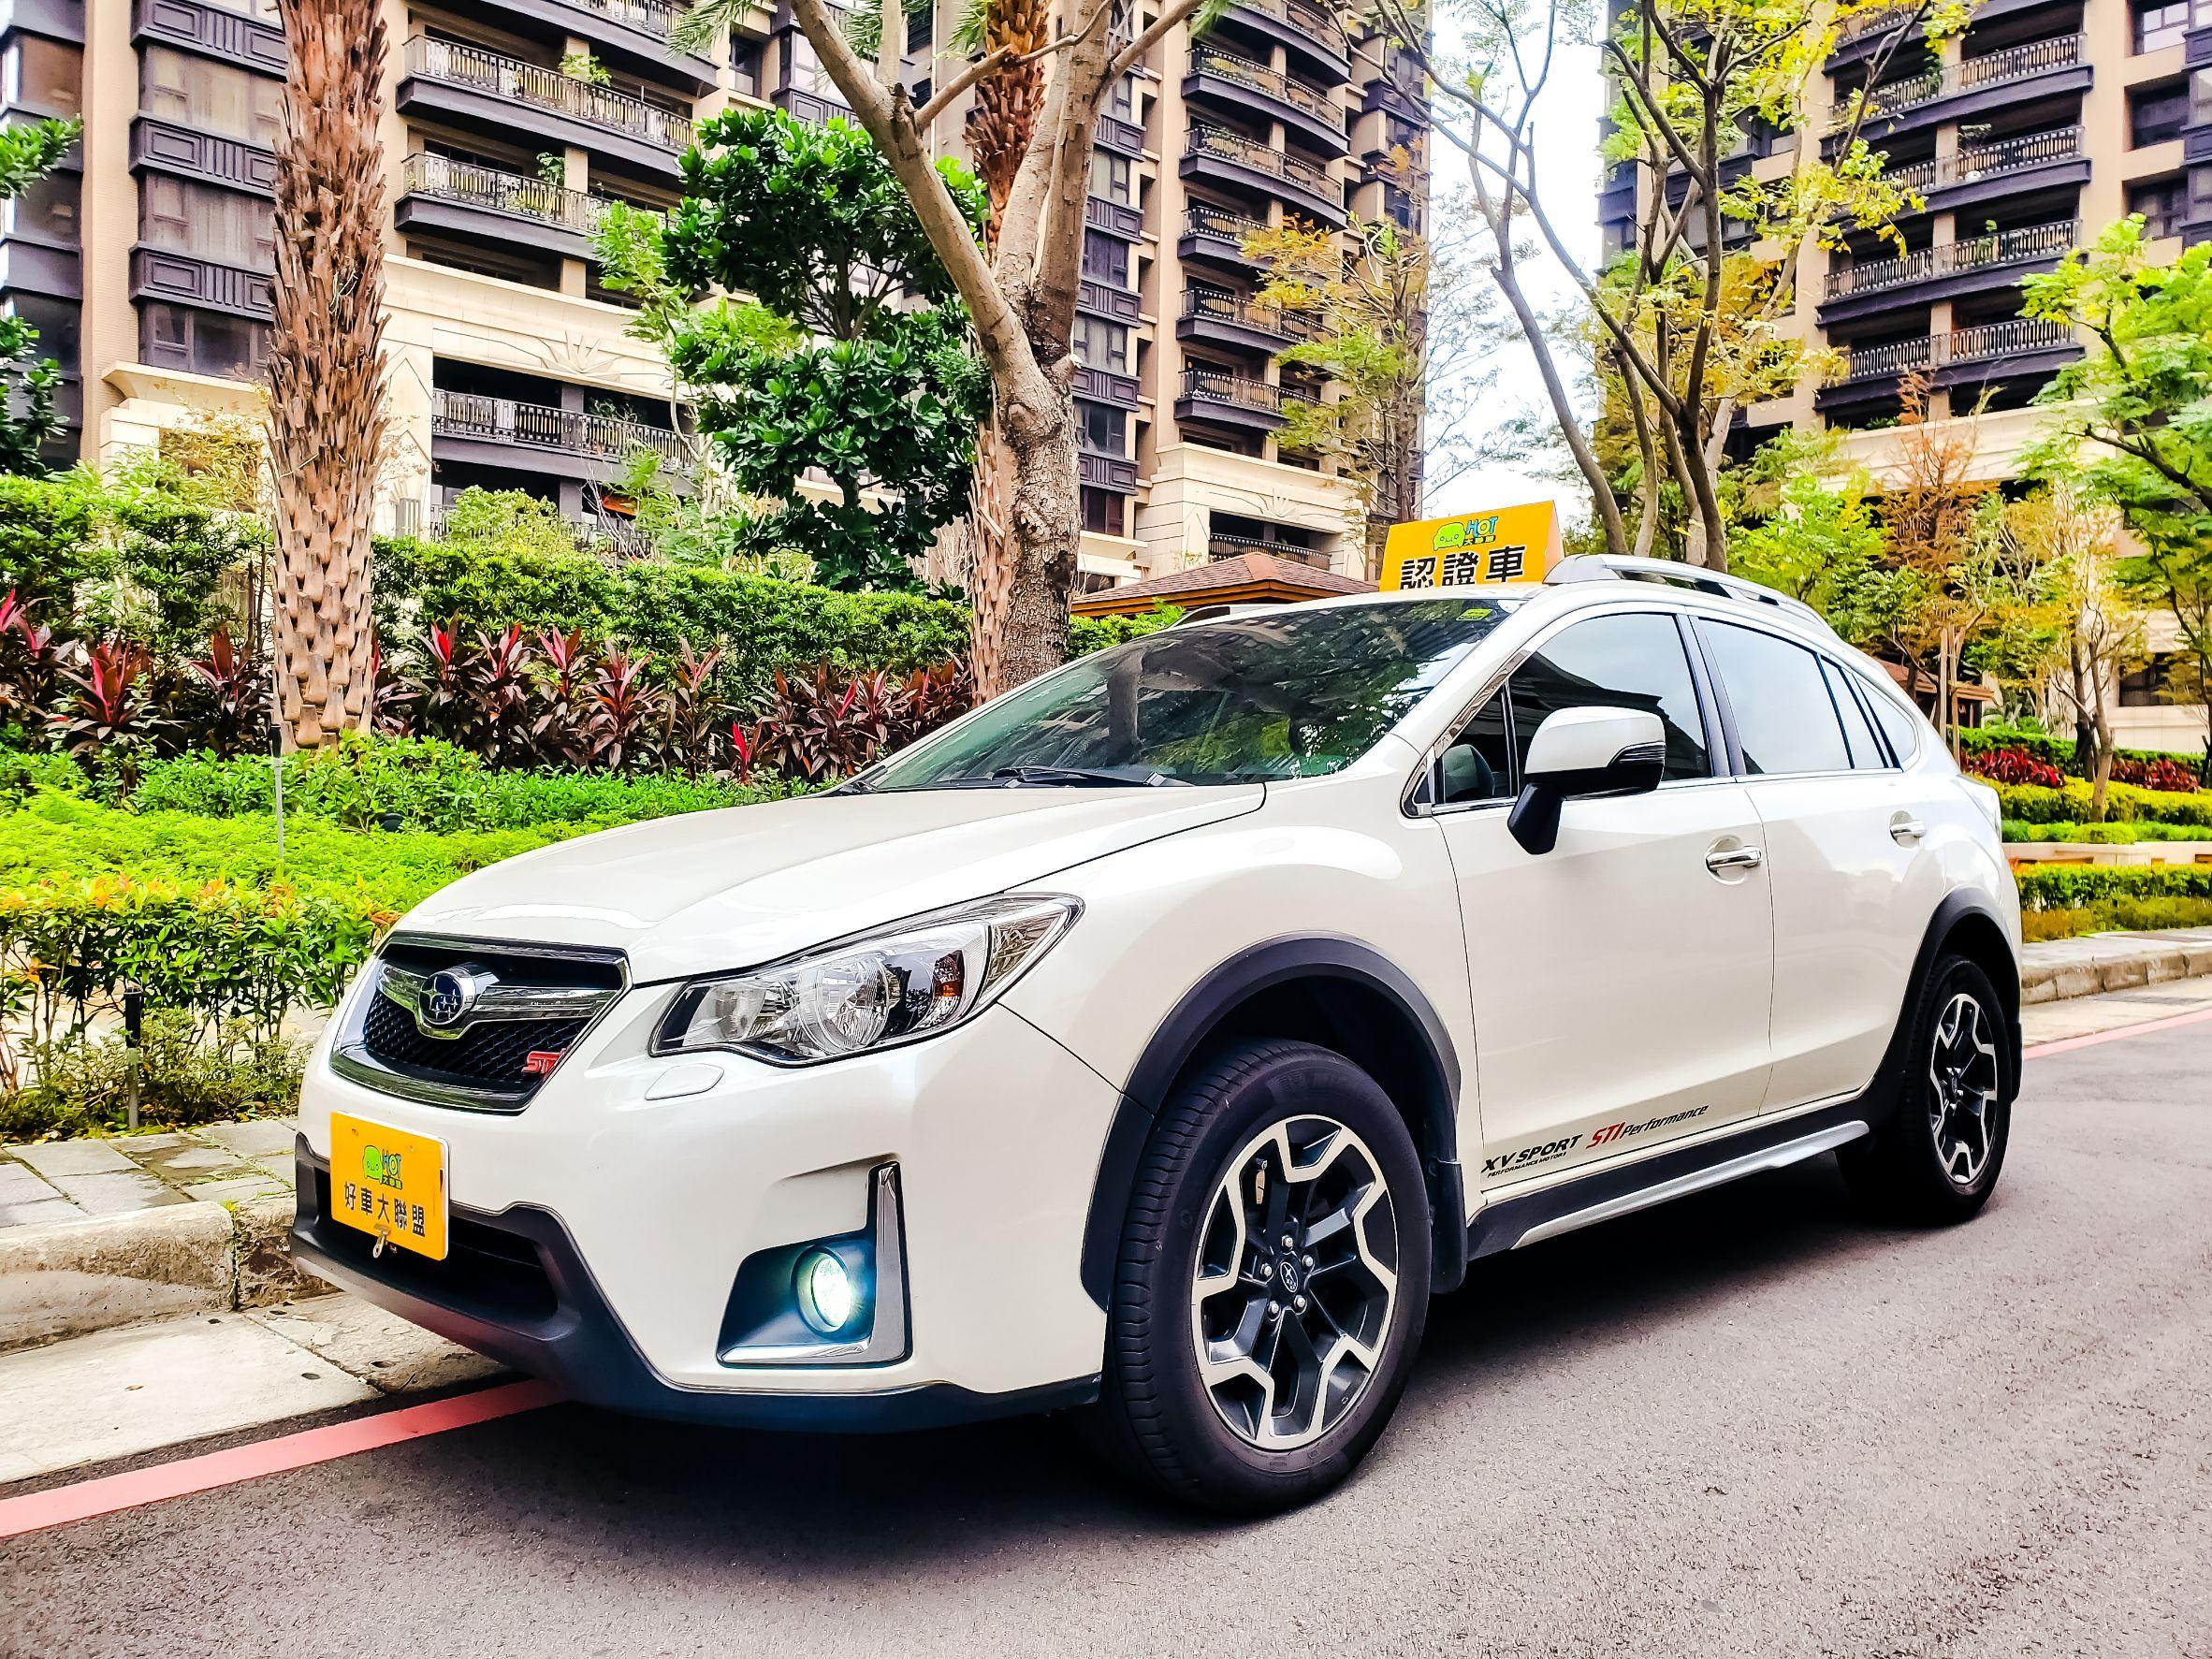 2016 Subaru 速霸陸 Xv